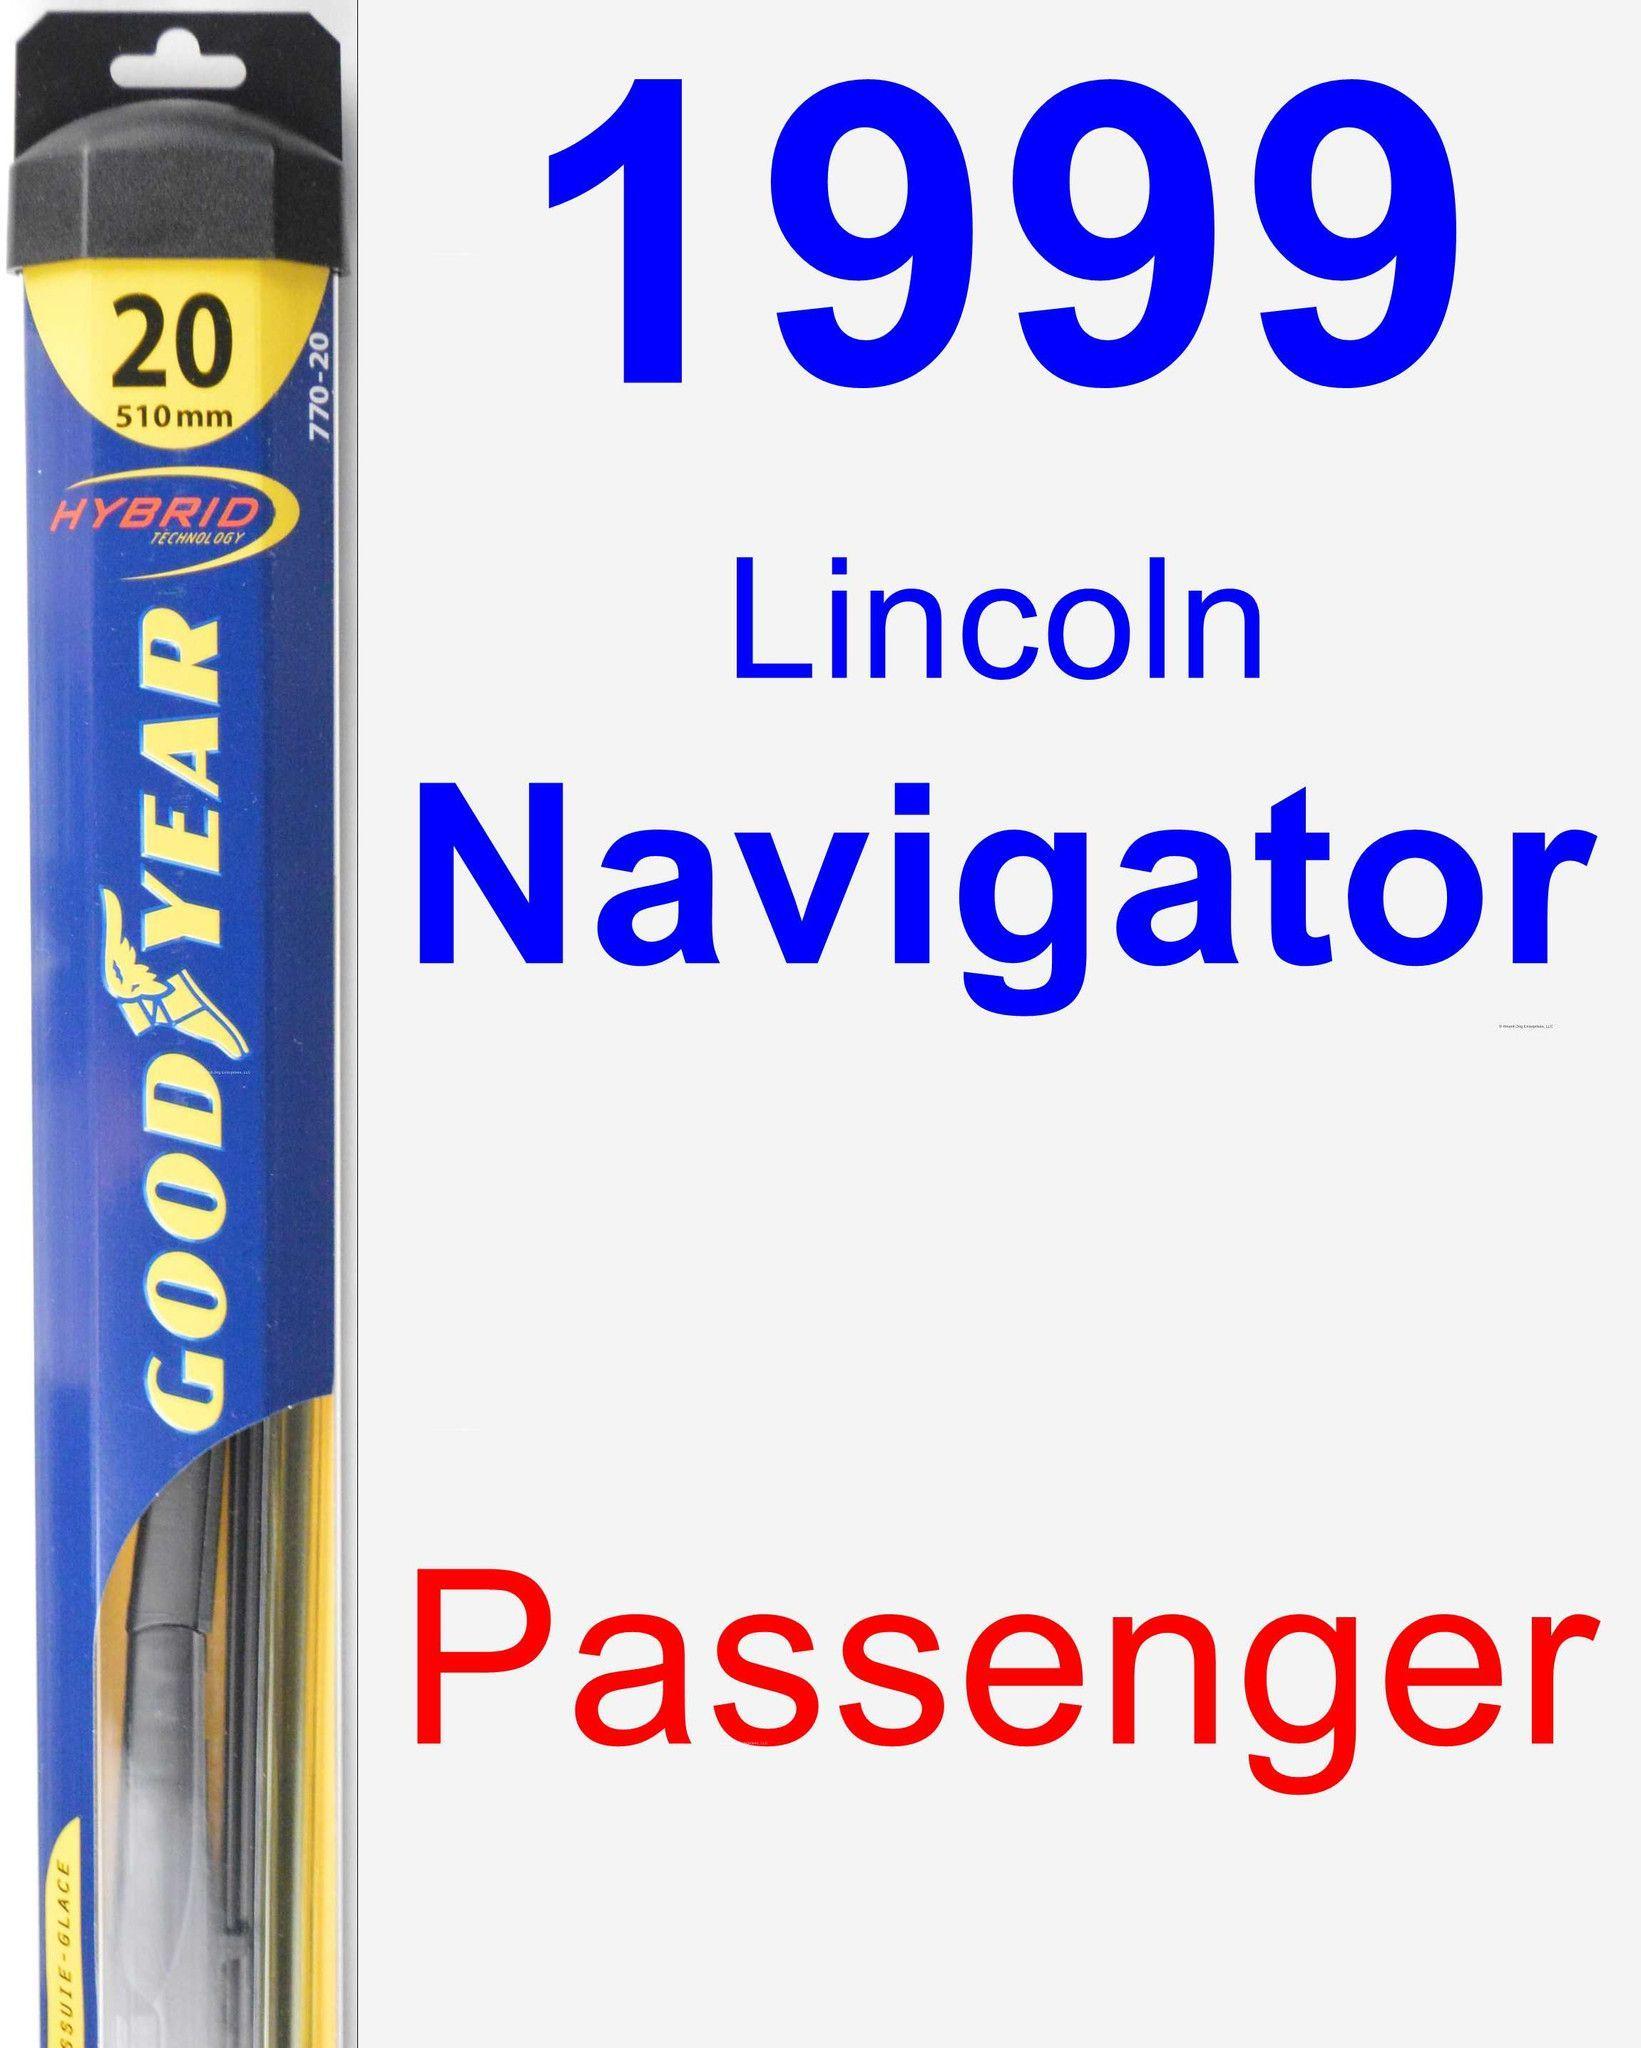 Passenger Wiper Blade For 1999 Lincoln Navigator